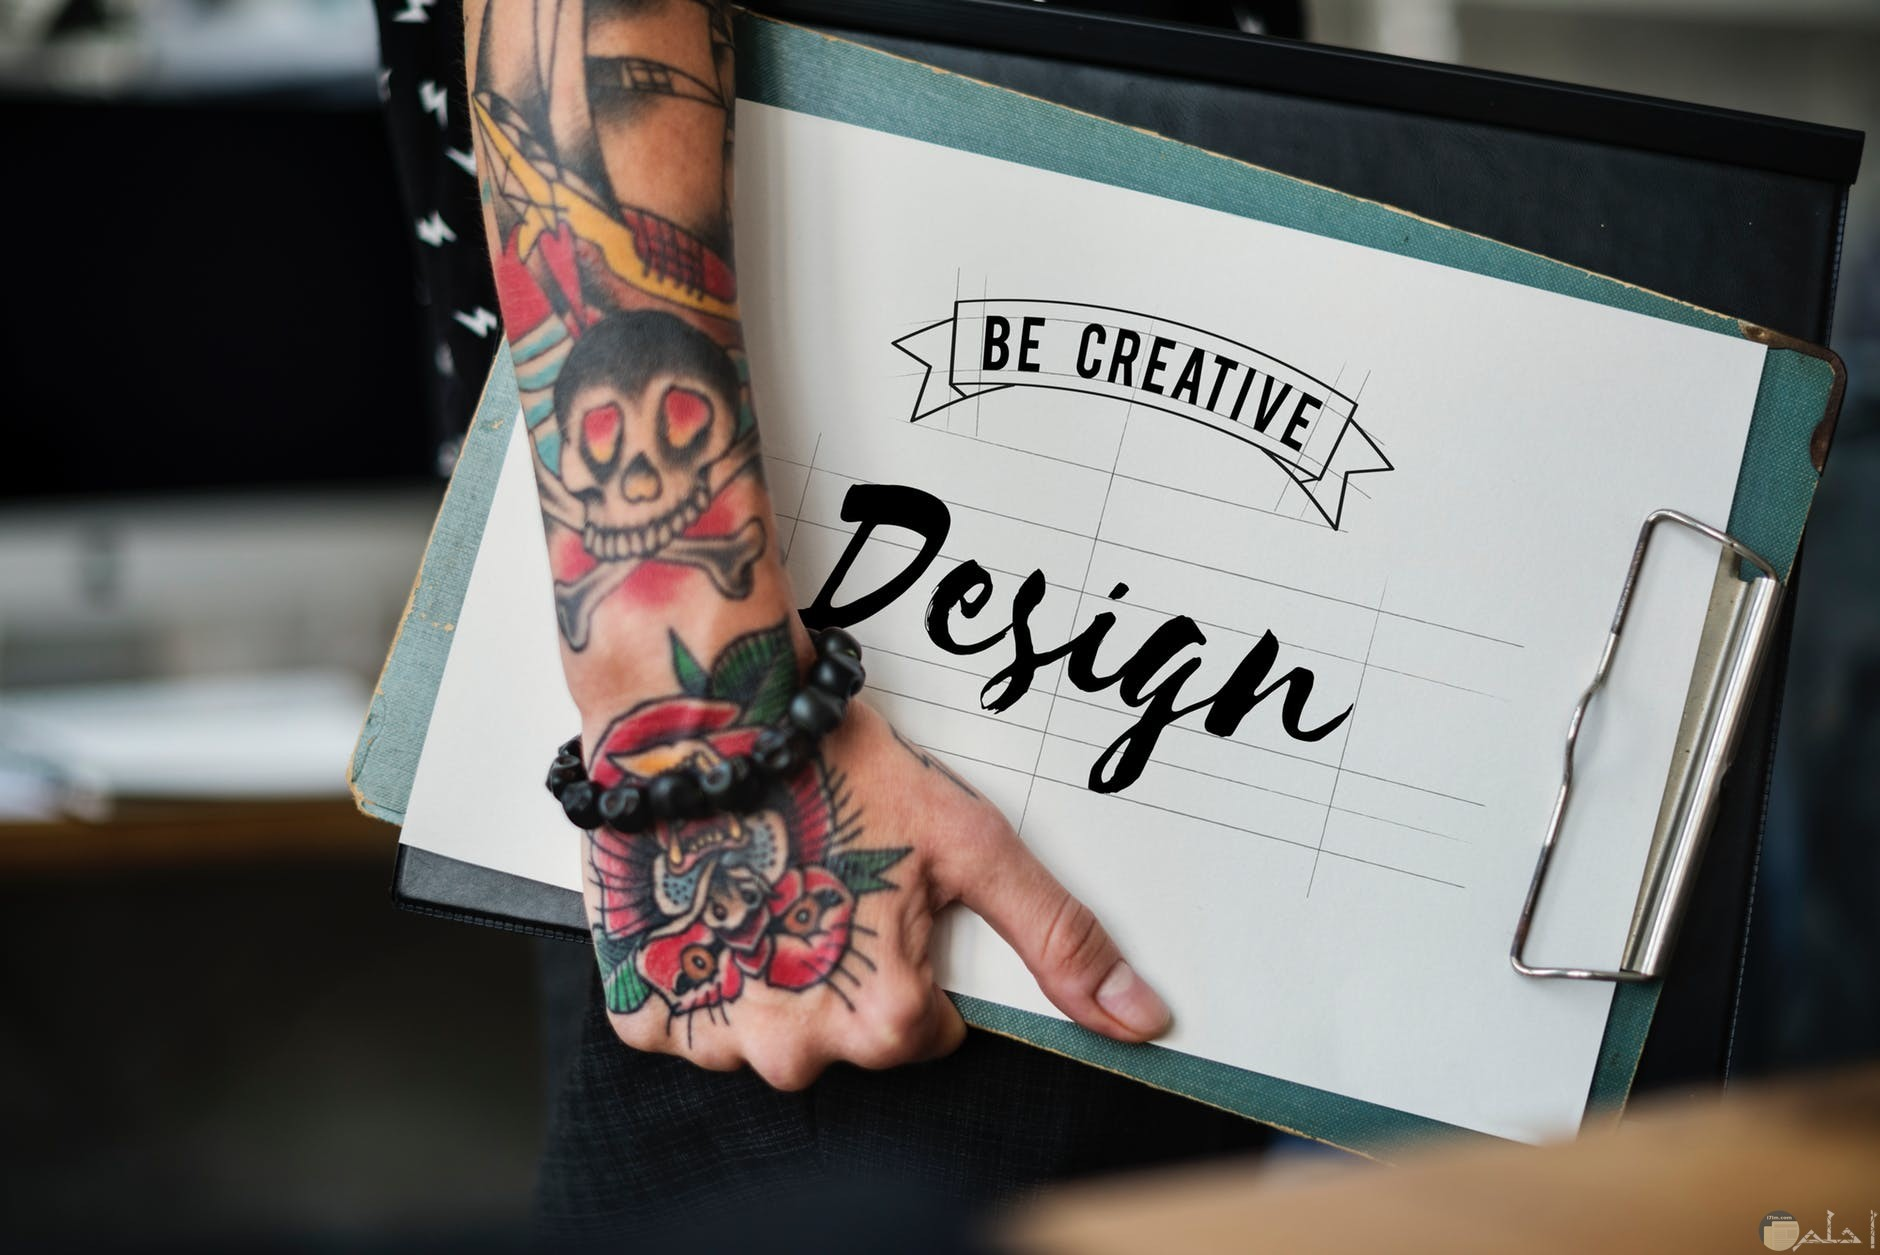 صورة يحملها شخص مدون عليها كلمة تصميم بالانجليزية